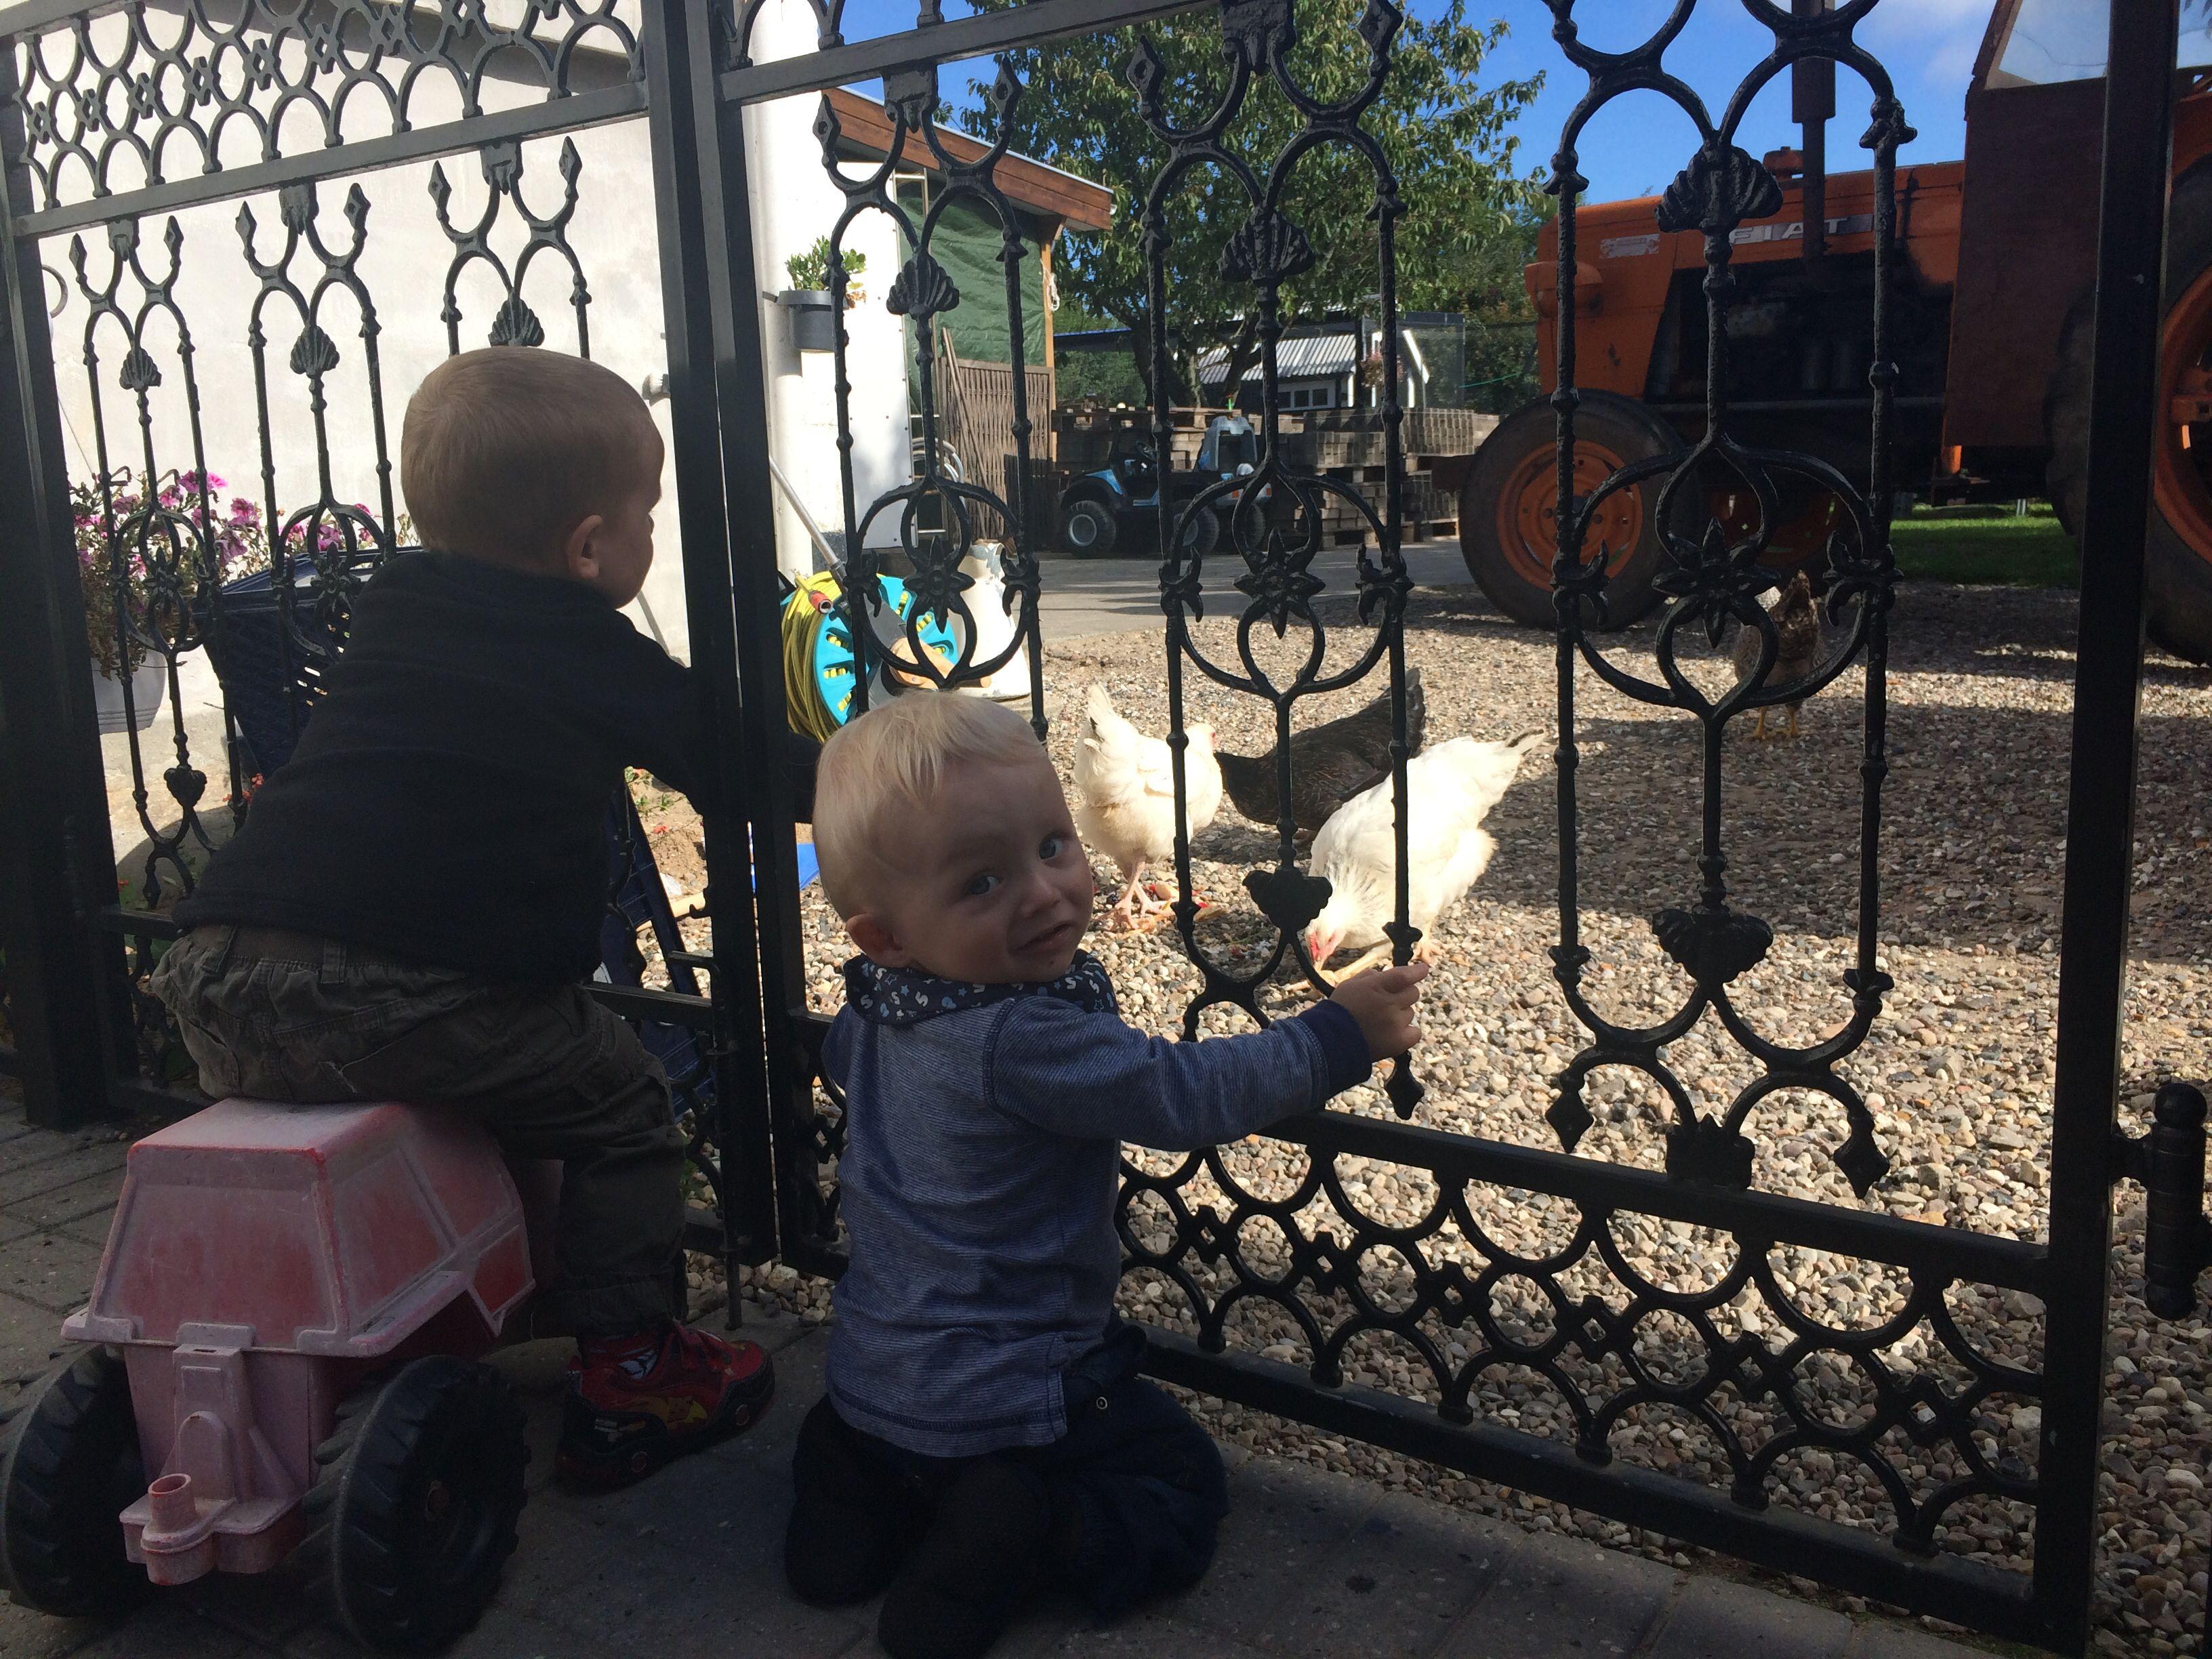 Børn i bur, høns i det fri.